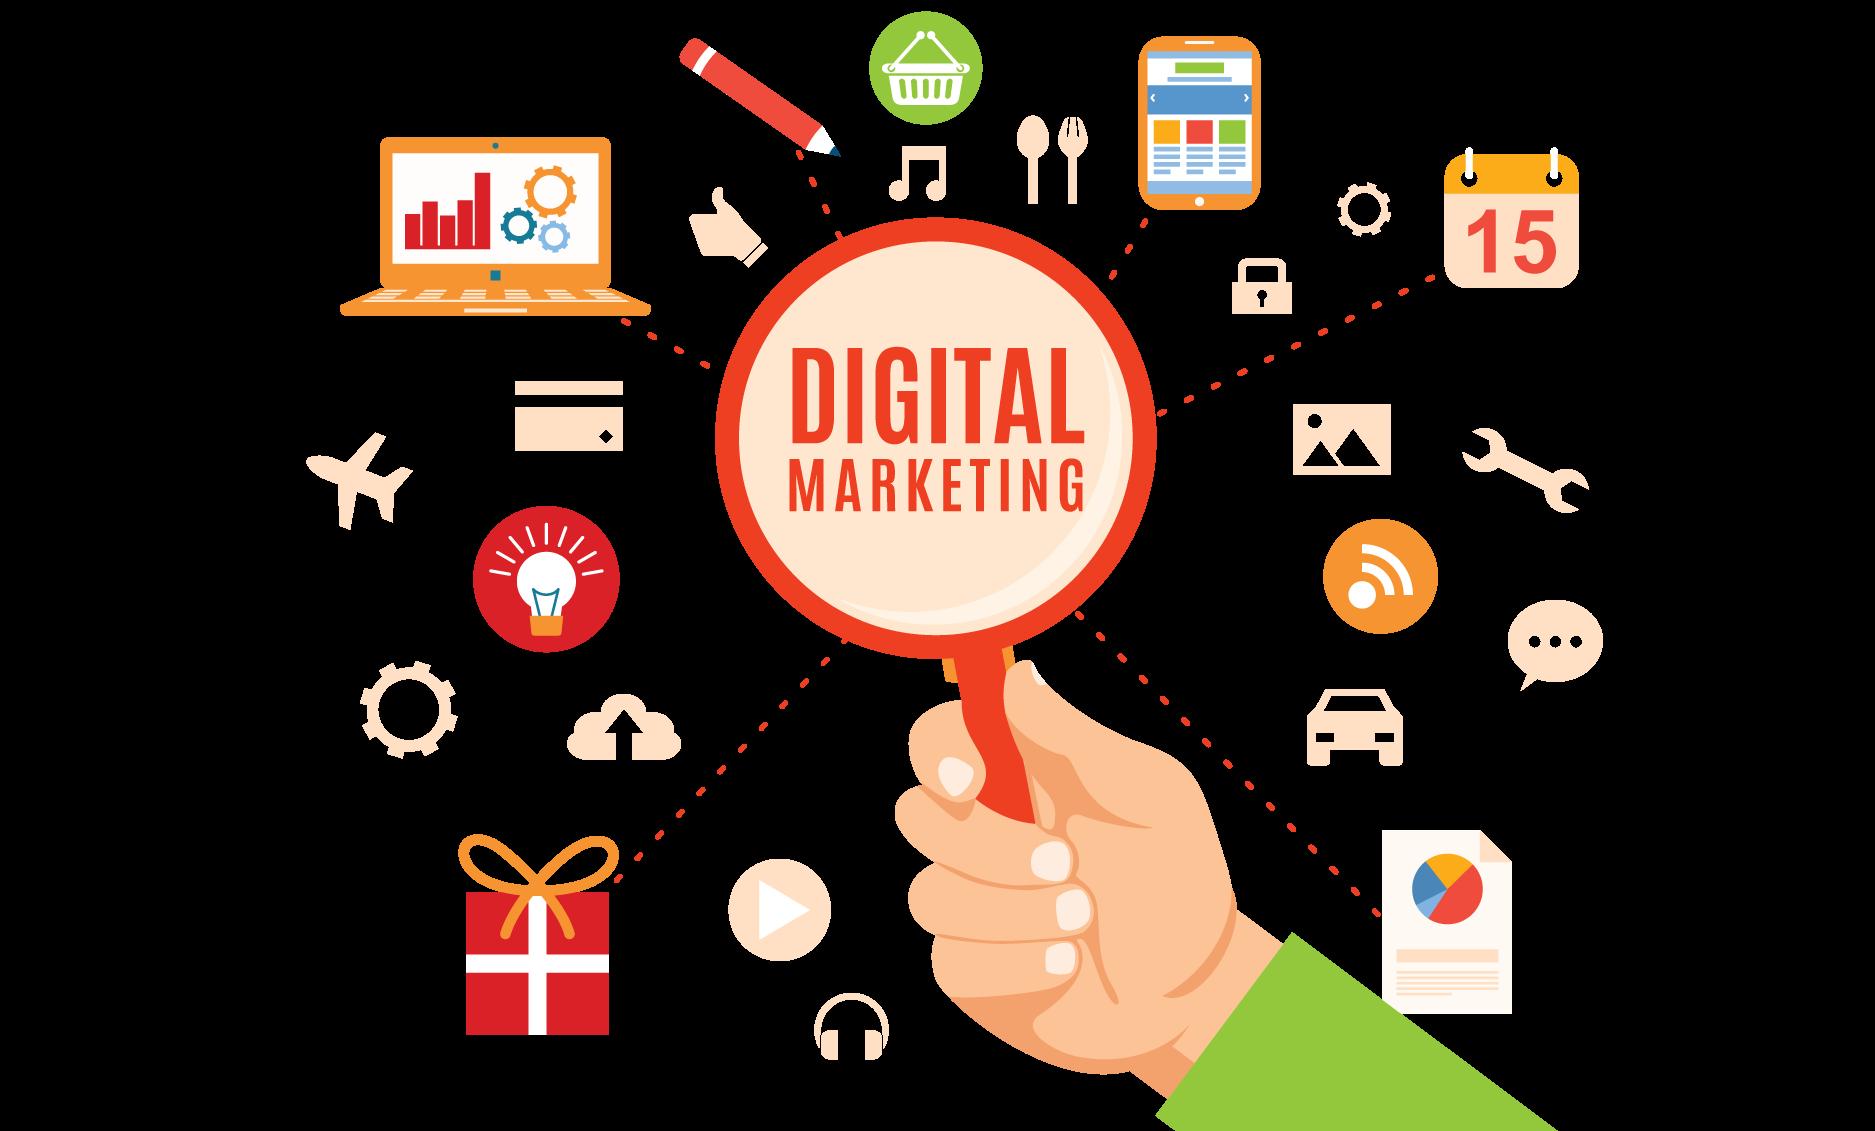 สรุปเนื้อหา การบรรยายเรื่อง Digital Marketing - ฝ่ายบริการ ...